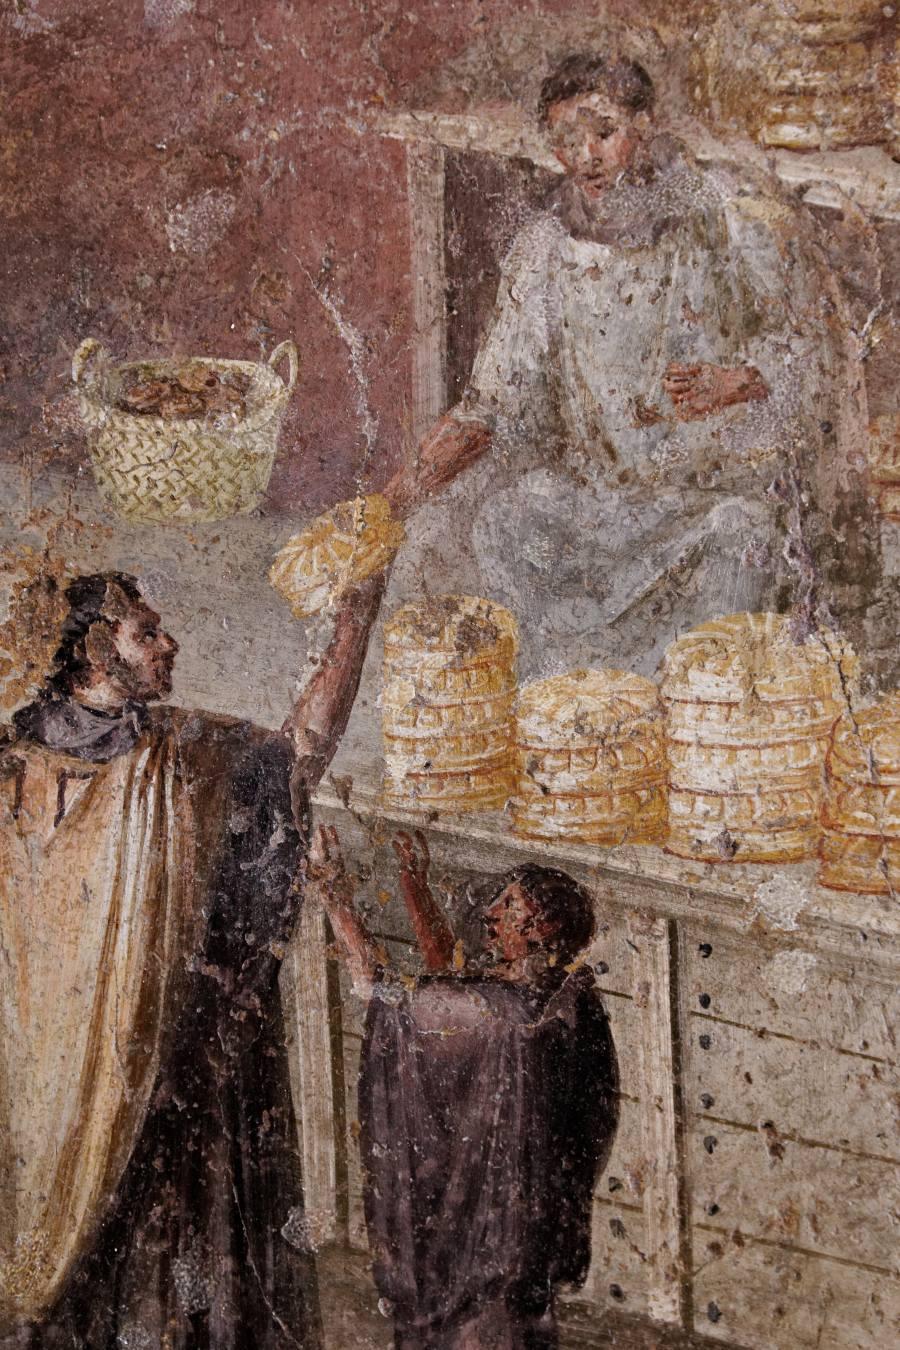 Brooduitdeling, Pompeii, MAN, Napoli, Inv9071_n2